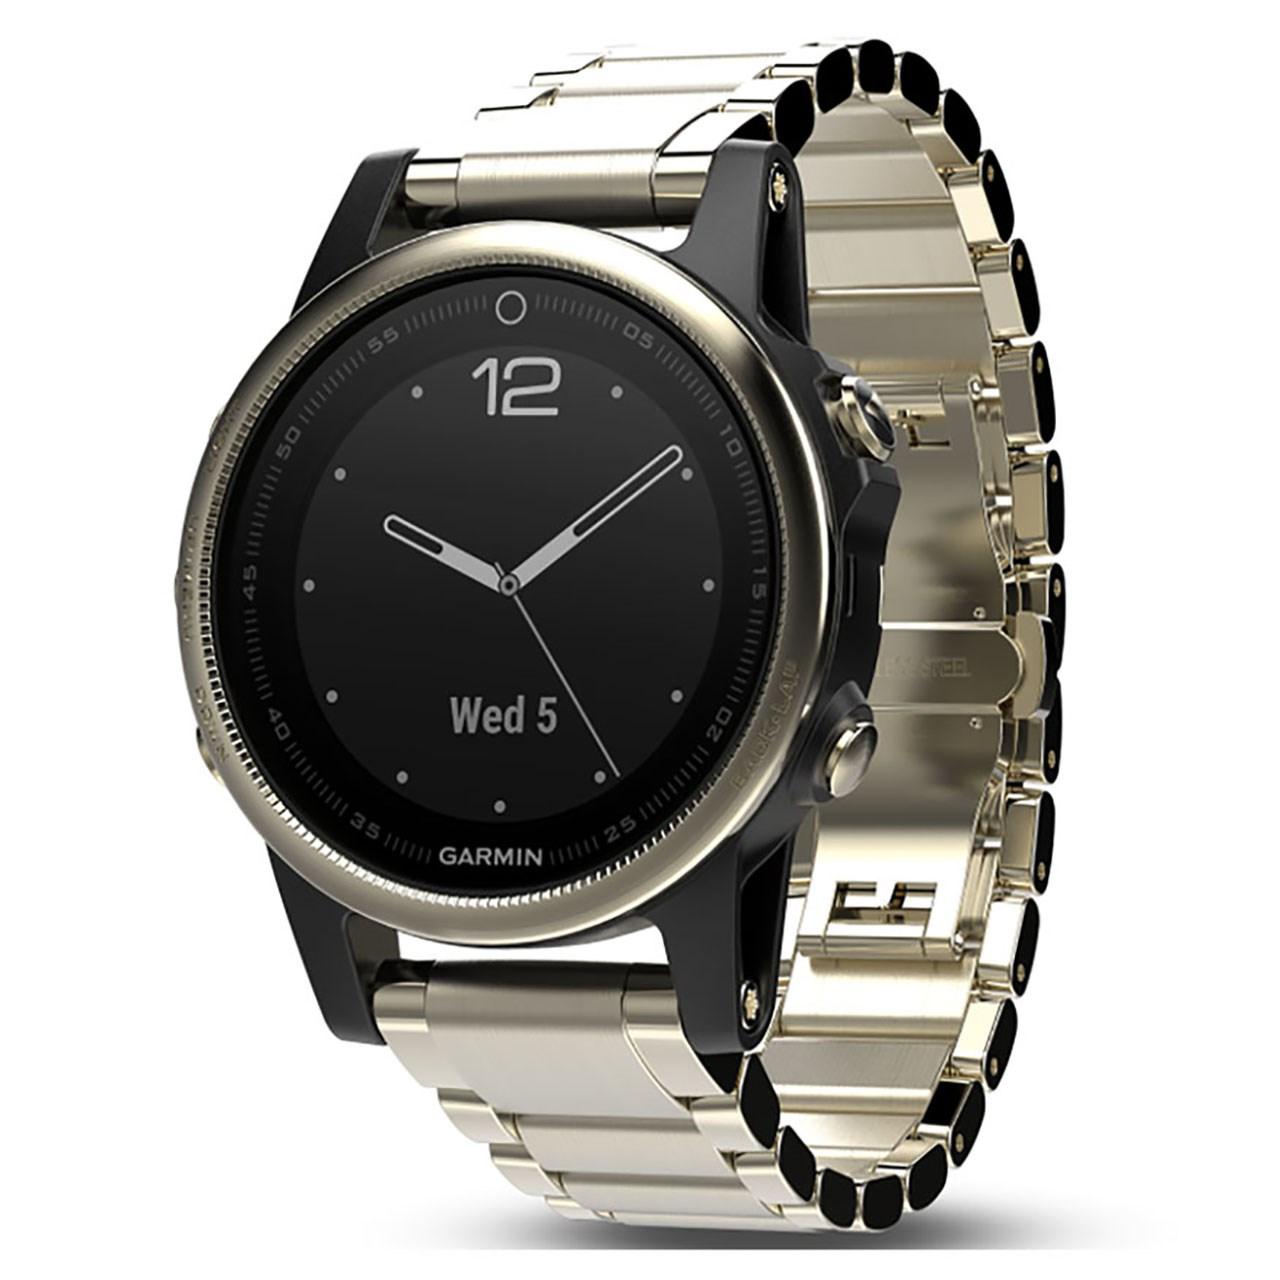 ساعت مچی هوشمند گارمین مدل FENIX5S 010-01685-15